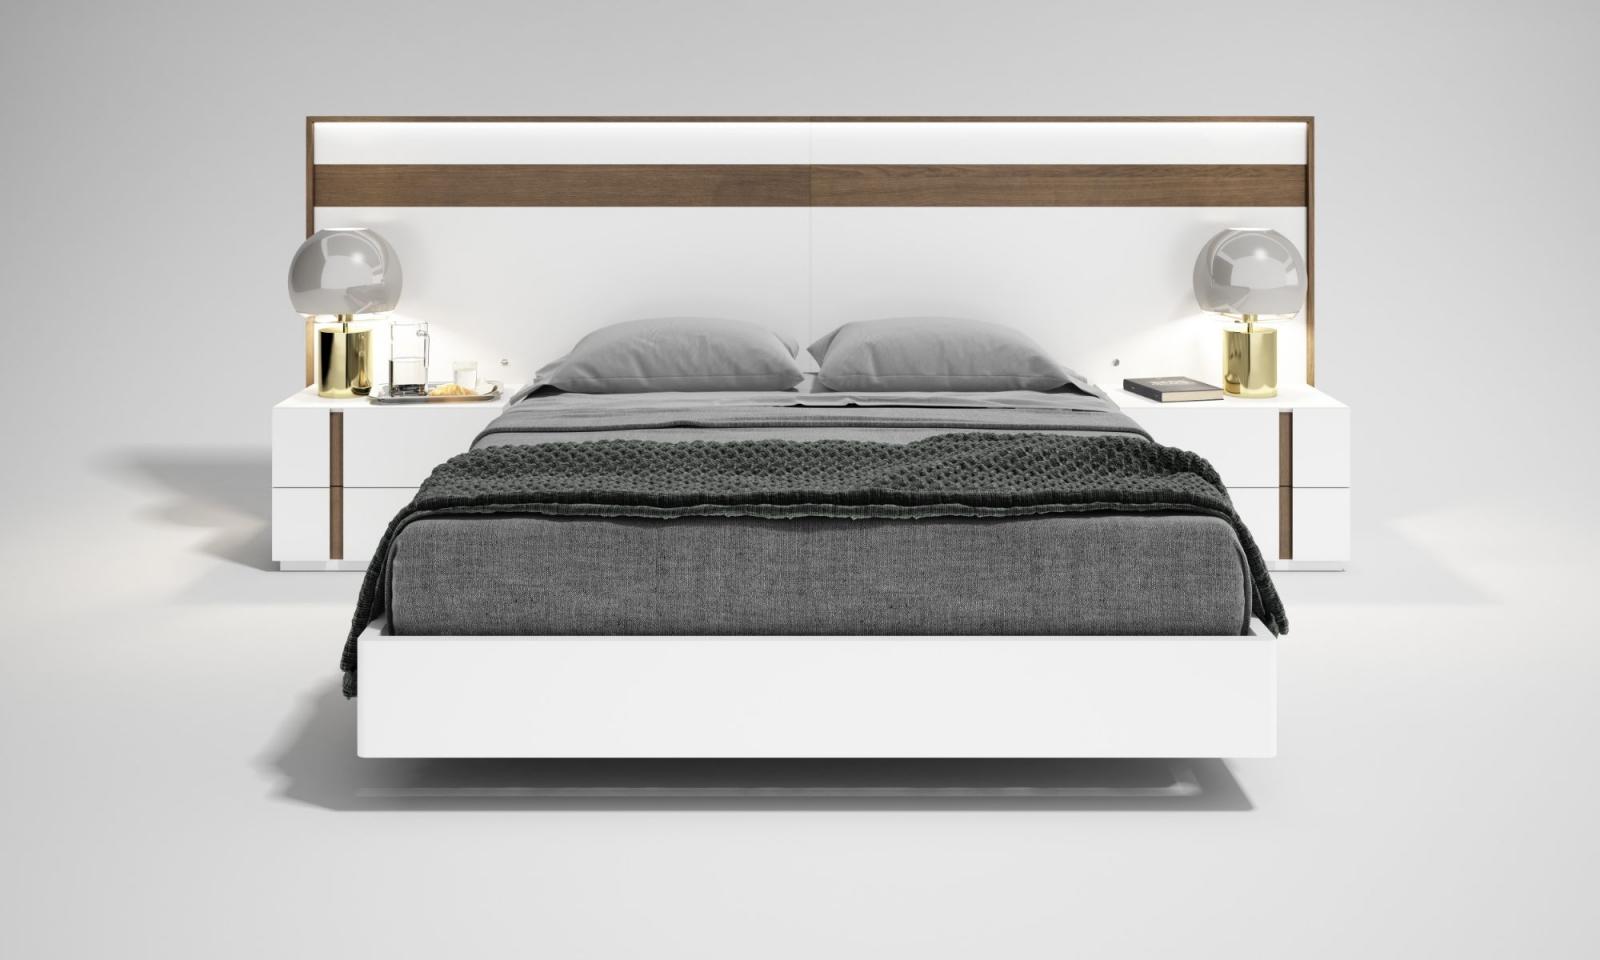 Conjunto de Dormitorio FINE-4 - Conjunto de Dormitorio FINE-4